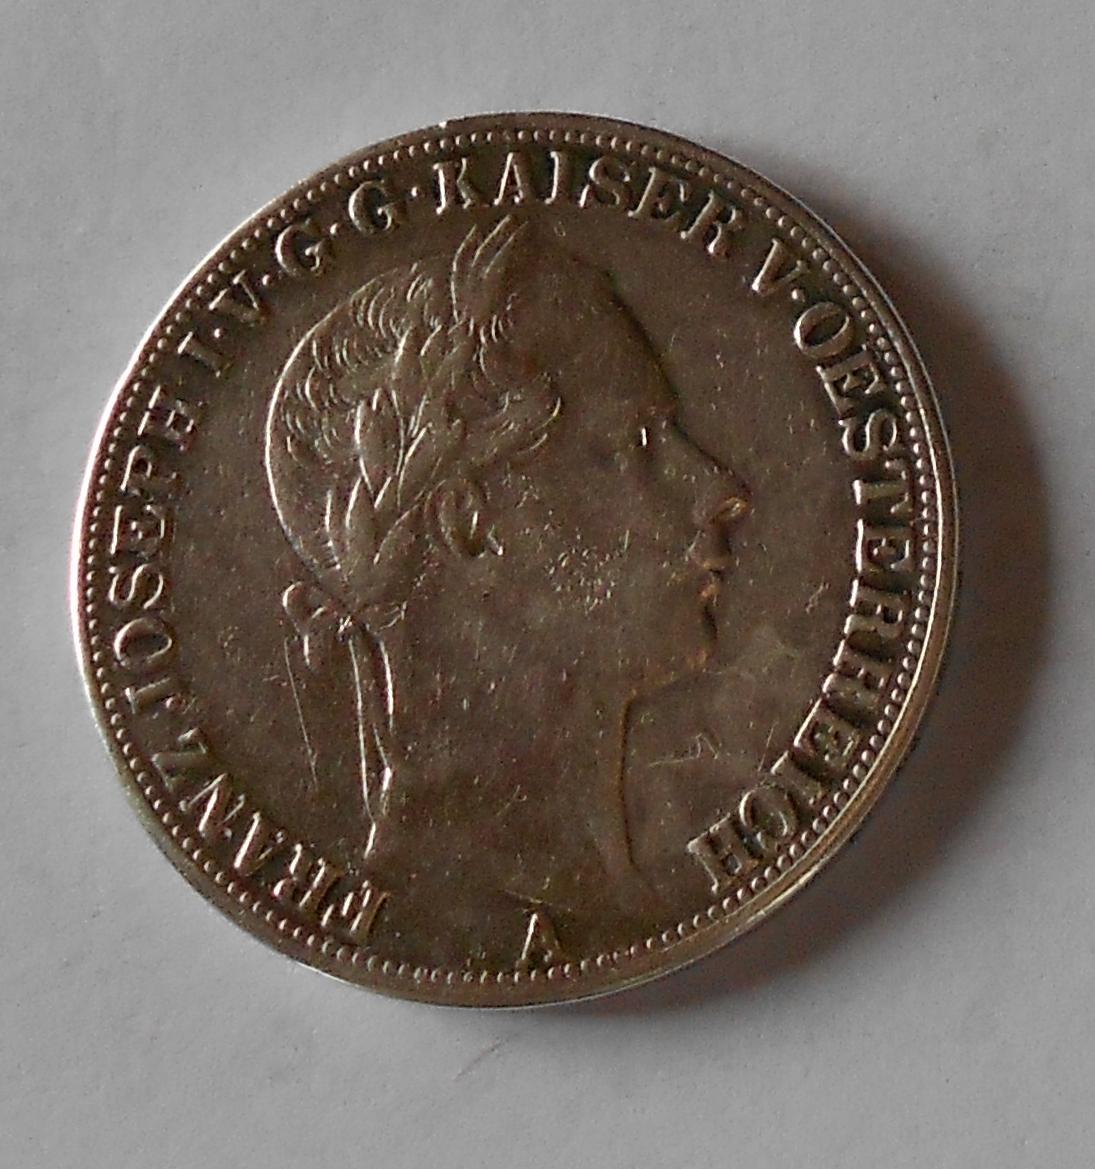 Tolar spolkový 1858 A měl ouško